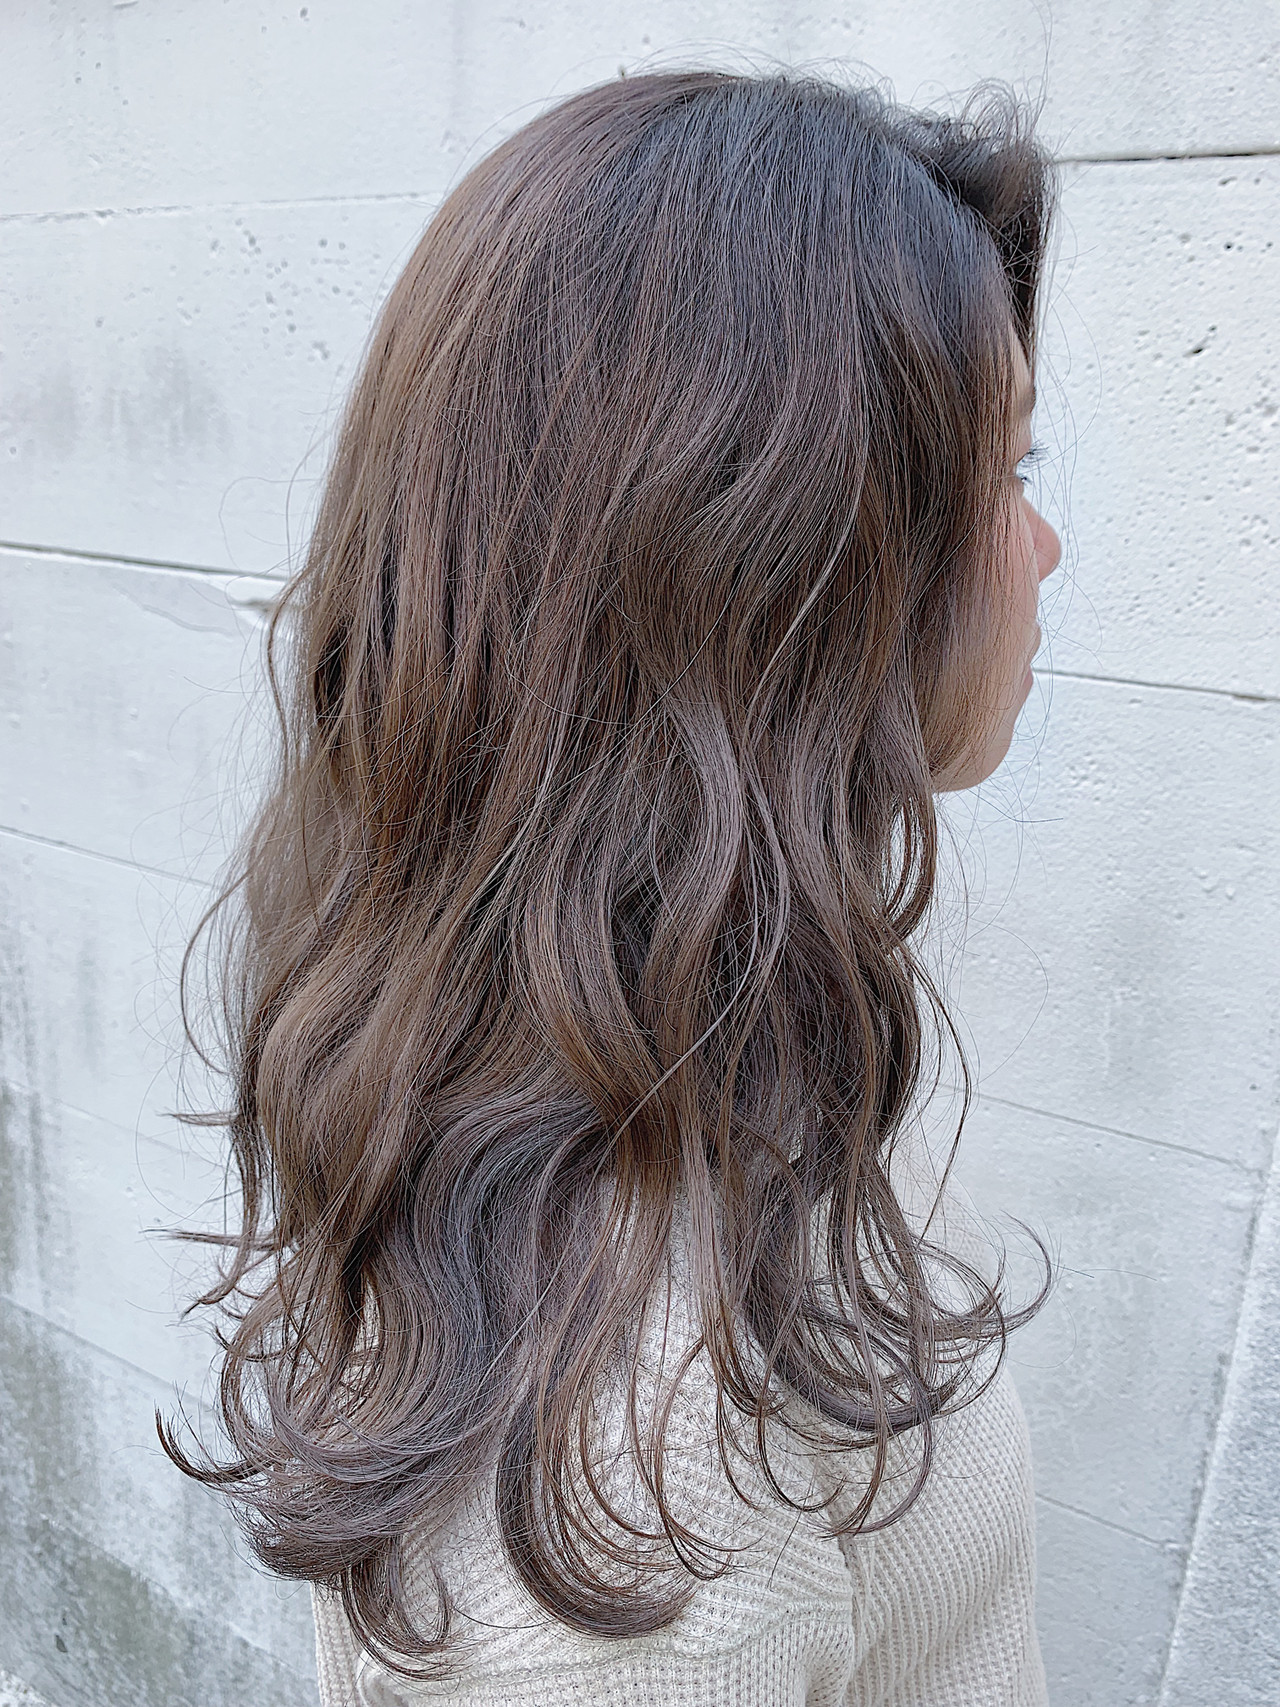 グラデーションカラー 外国人風 ラベージュ 大人ハイライト ヘアスタイルや髪型の写真・画像